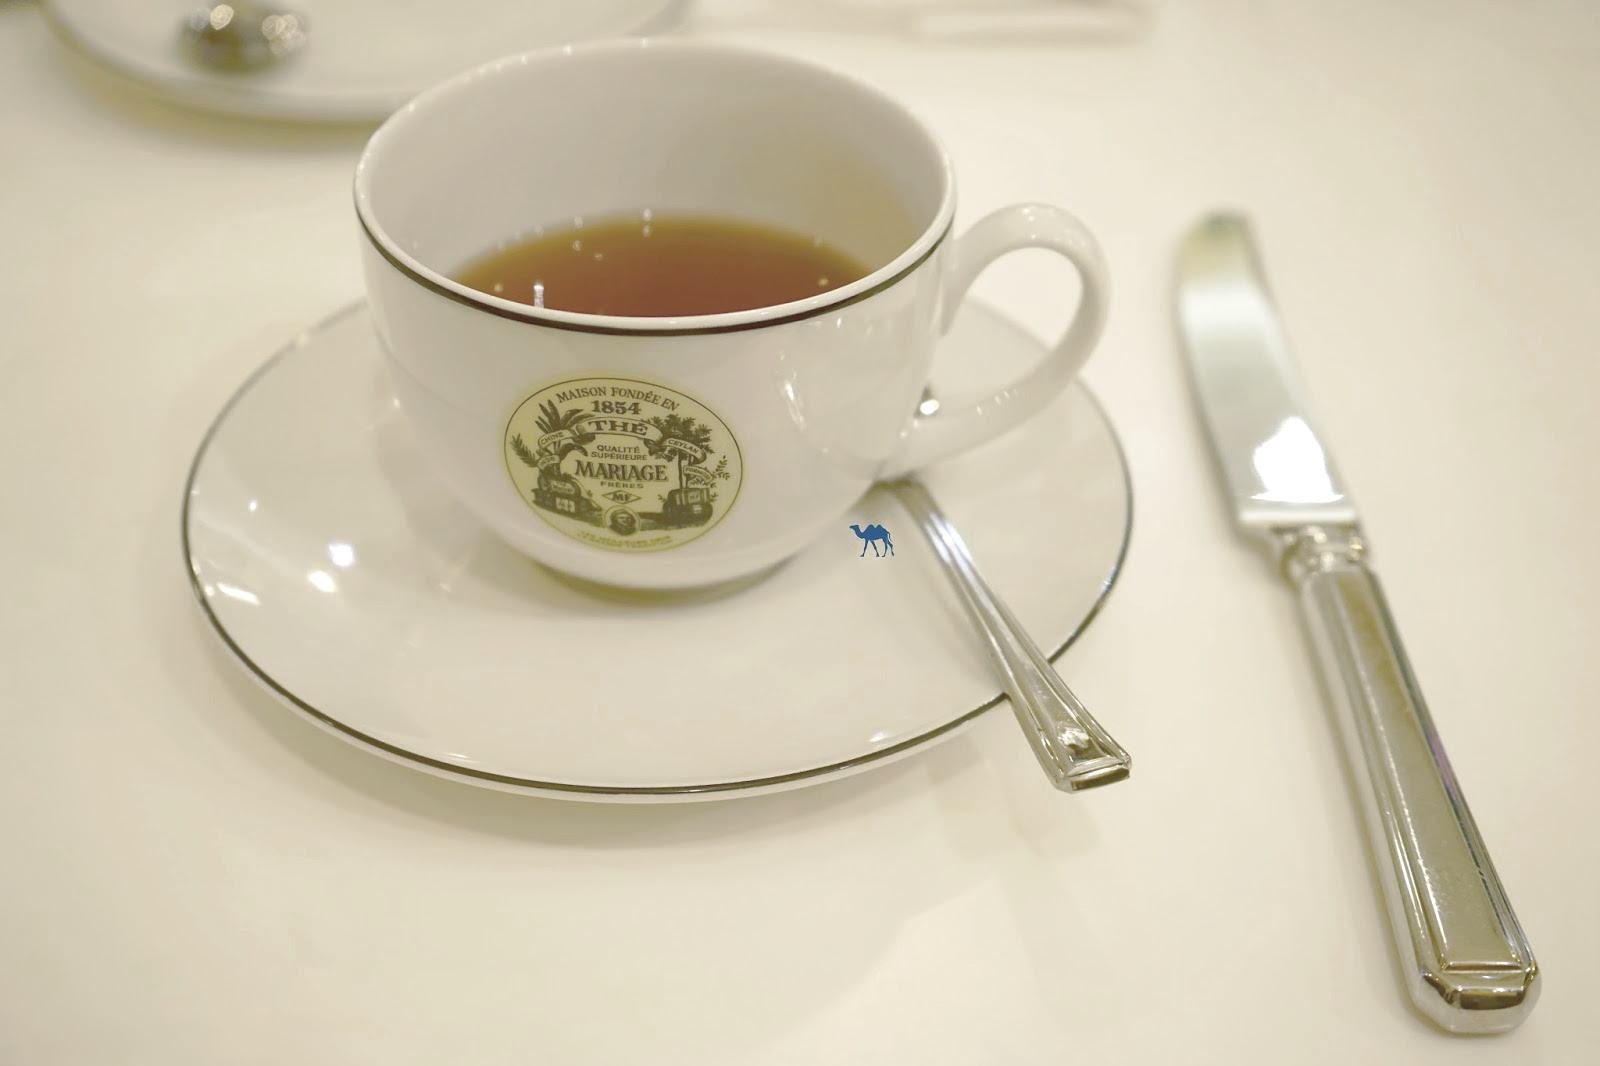 Le Chameau Bleu - Tea Time chez Mariage Frères Paris